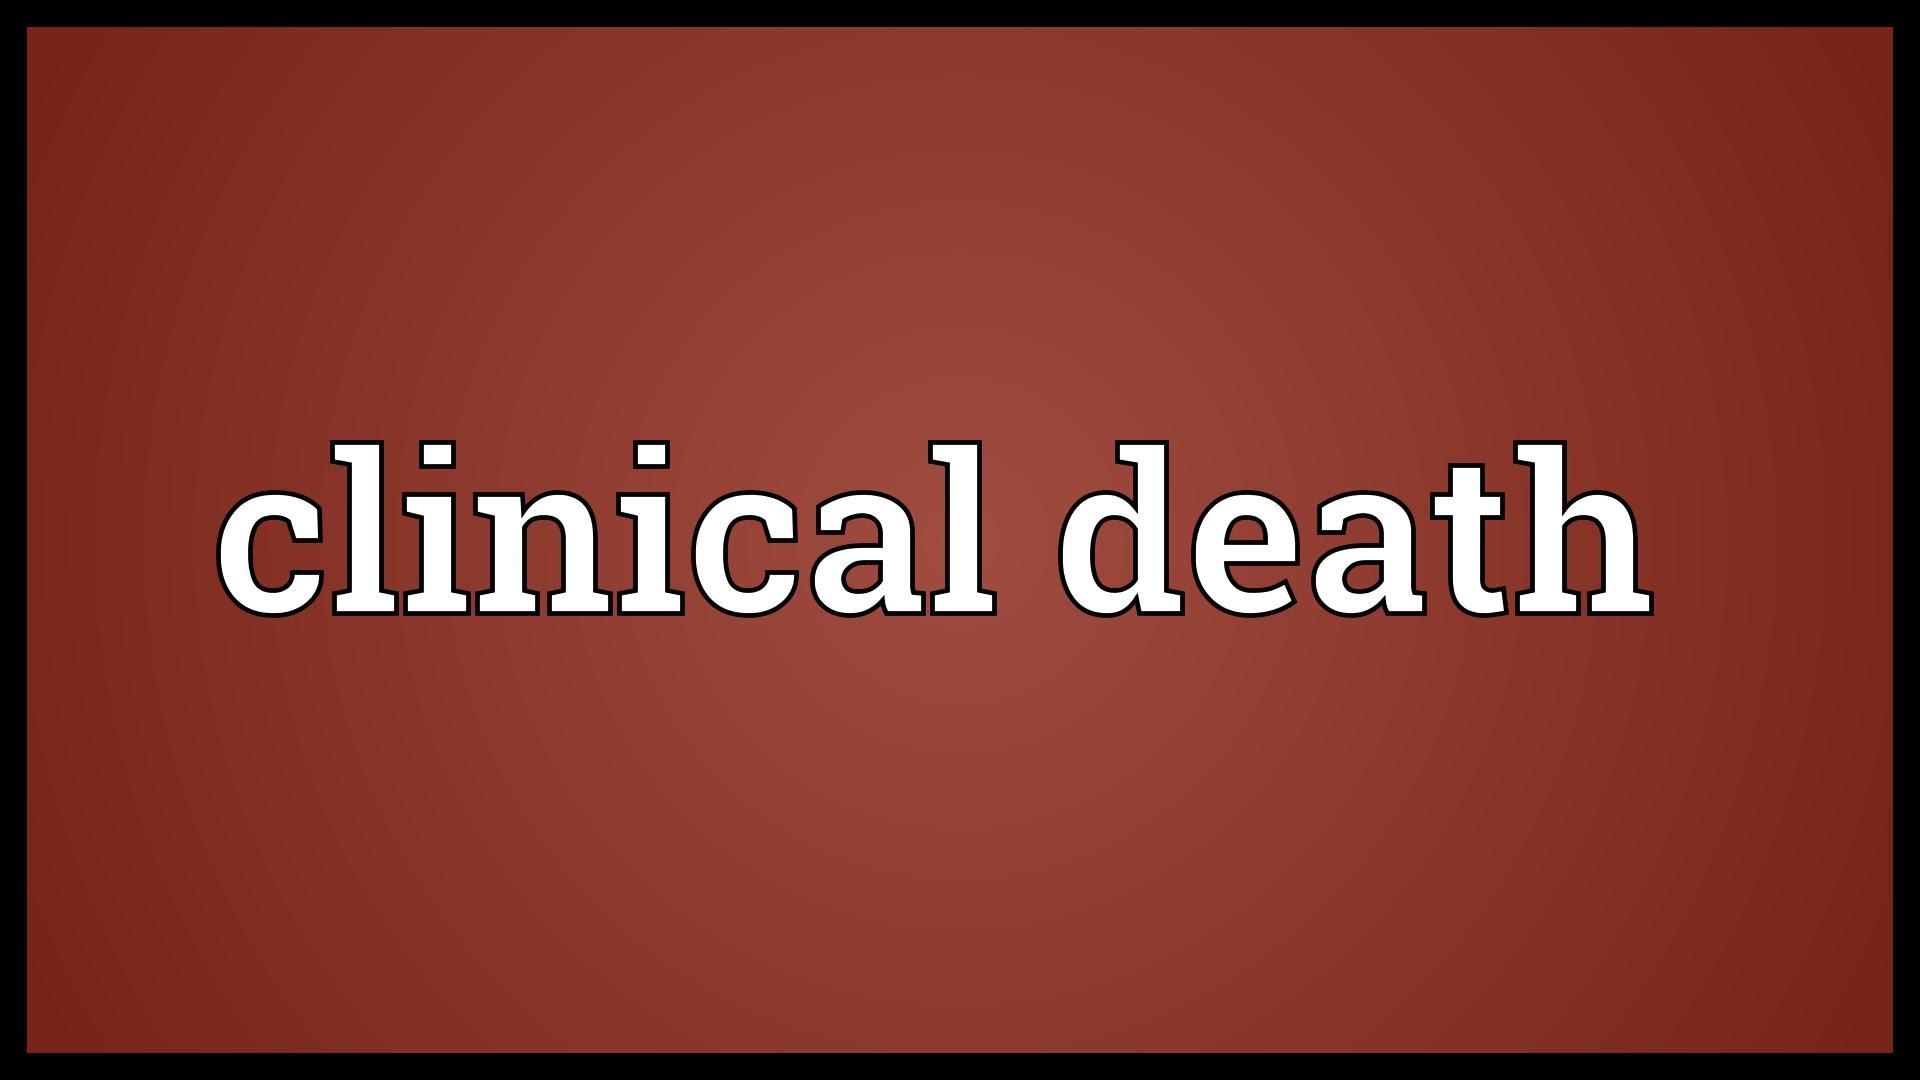 מוות קליני